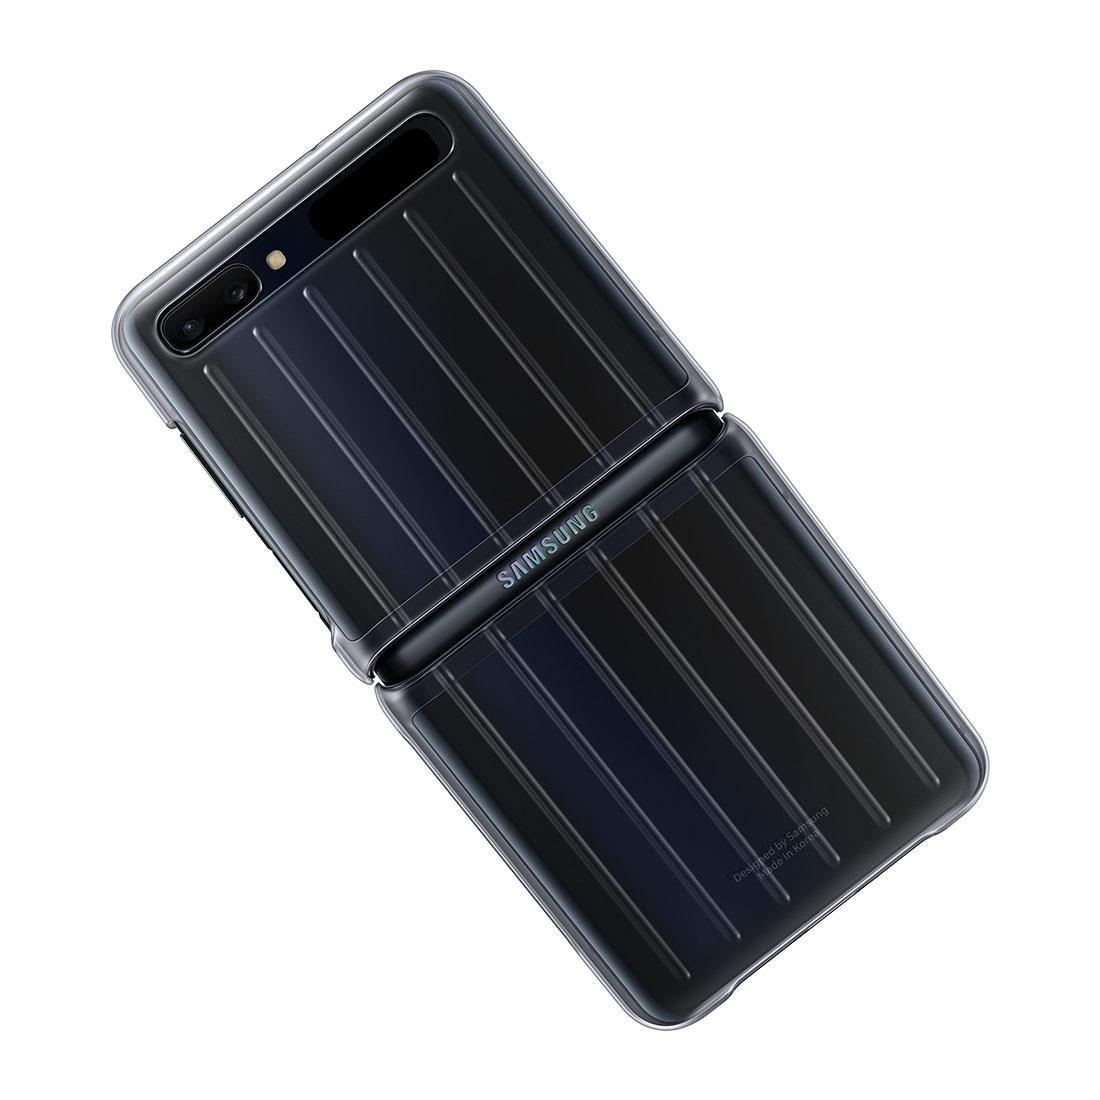 Capa Original Samsung Clear Cover Galaxy Z Flip 6.7 Pol F700